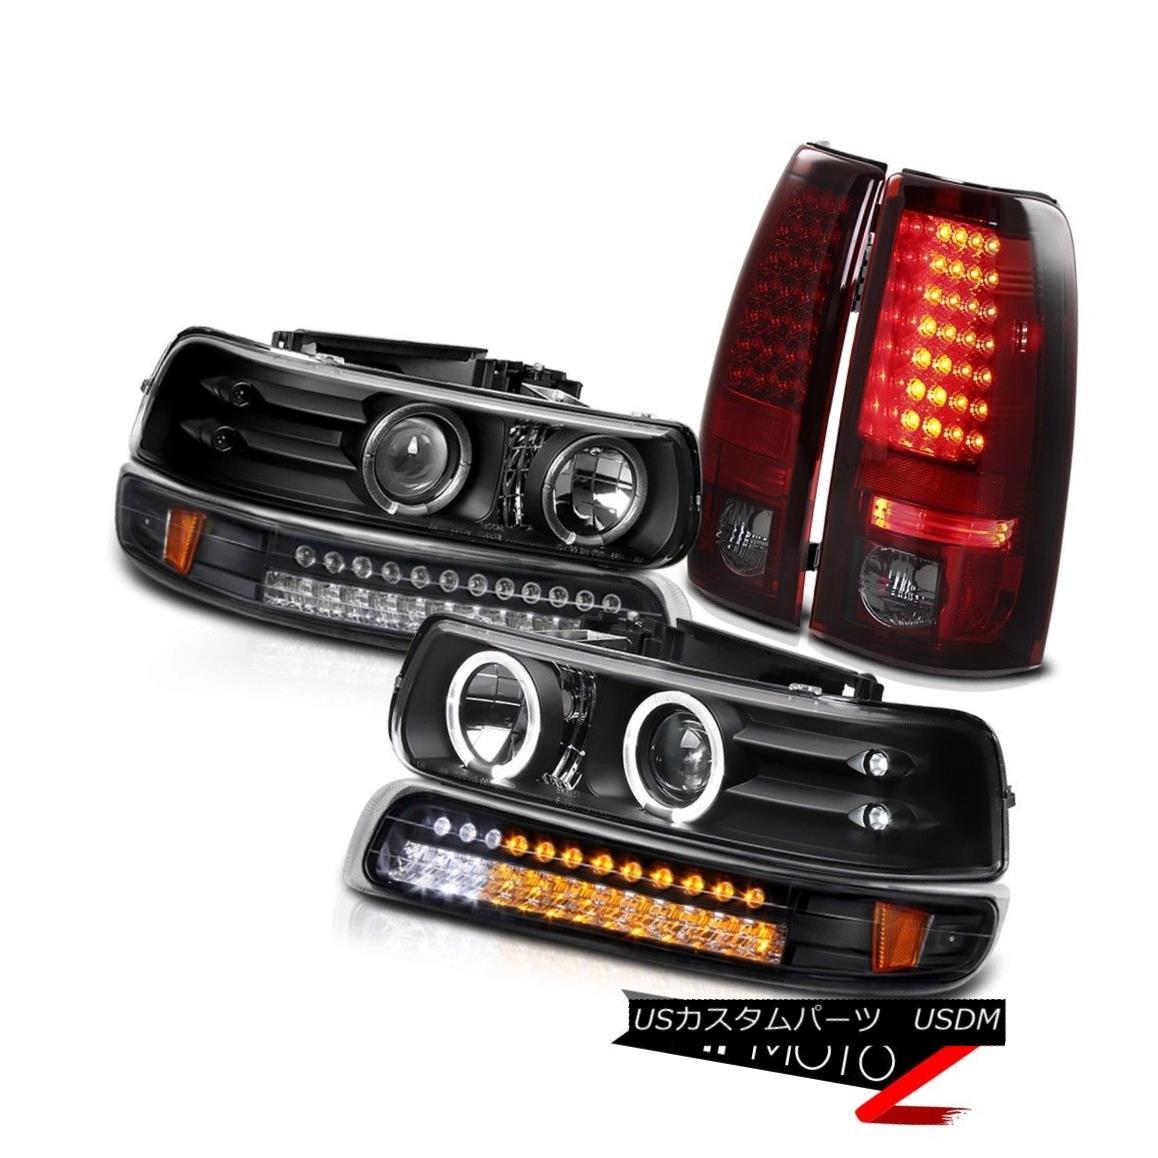 テールライト SMOKEY RED 99-02 Silverado PickUp Truck Halo LED Headlights Taillamps LEFT+RIGHT SMOKEY RED 99-02 Silverado PickUpトラックHalo LEDヘッドライトトライアングル左+右